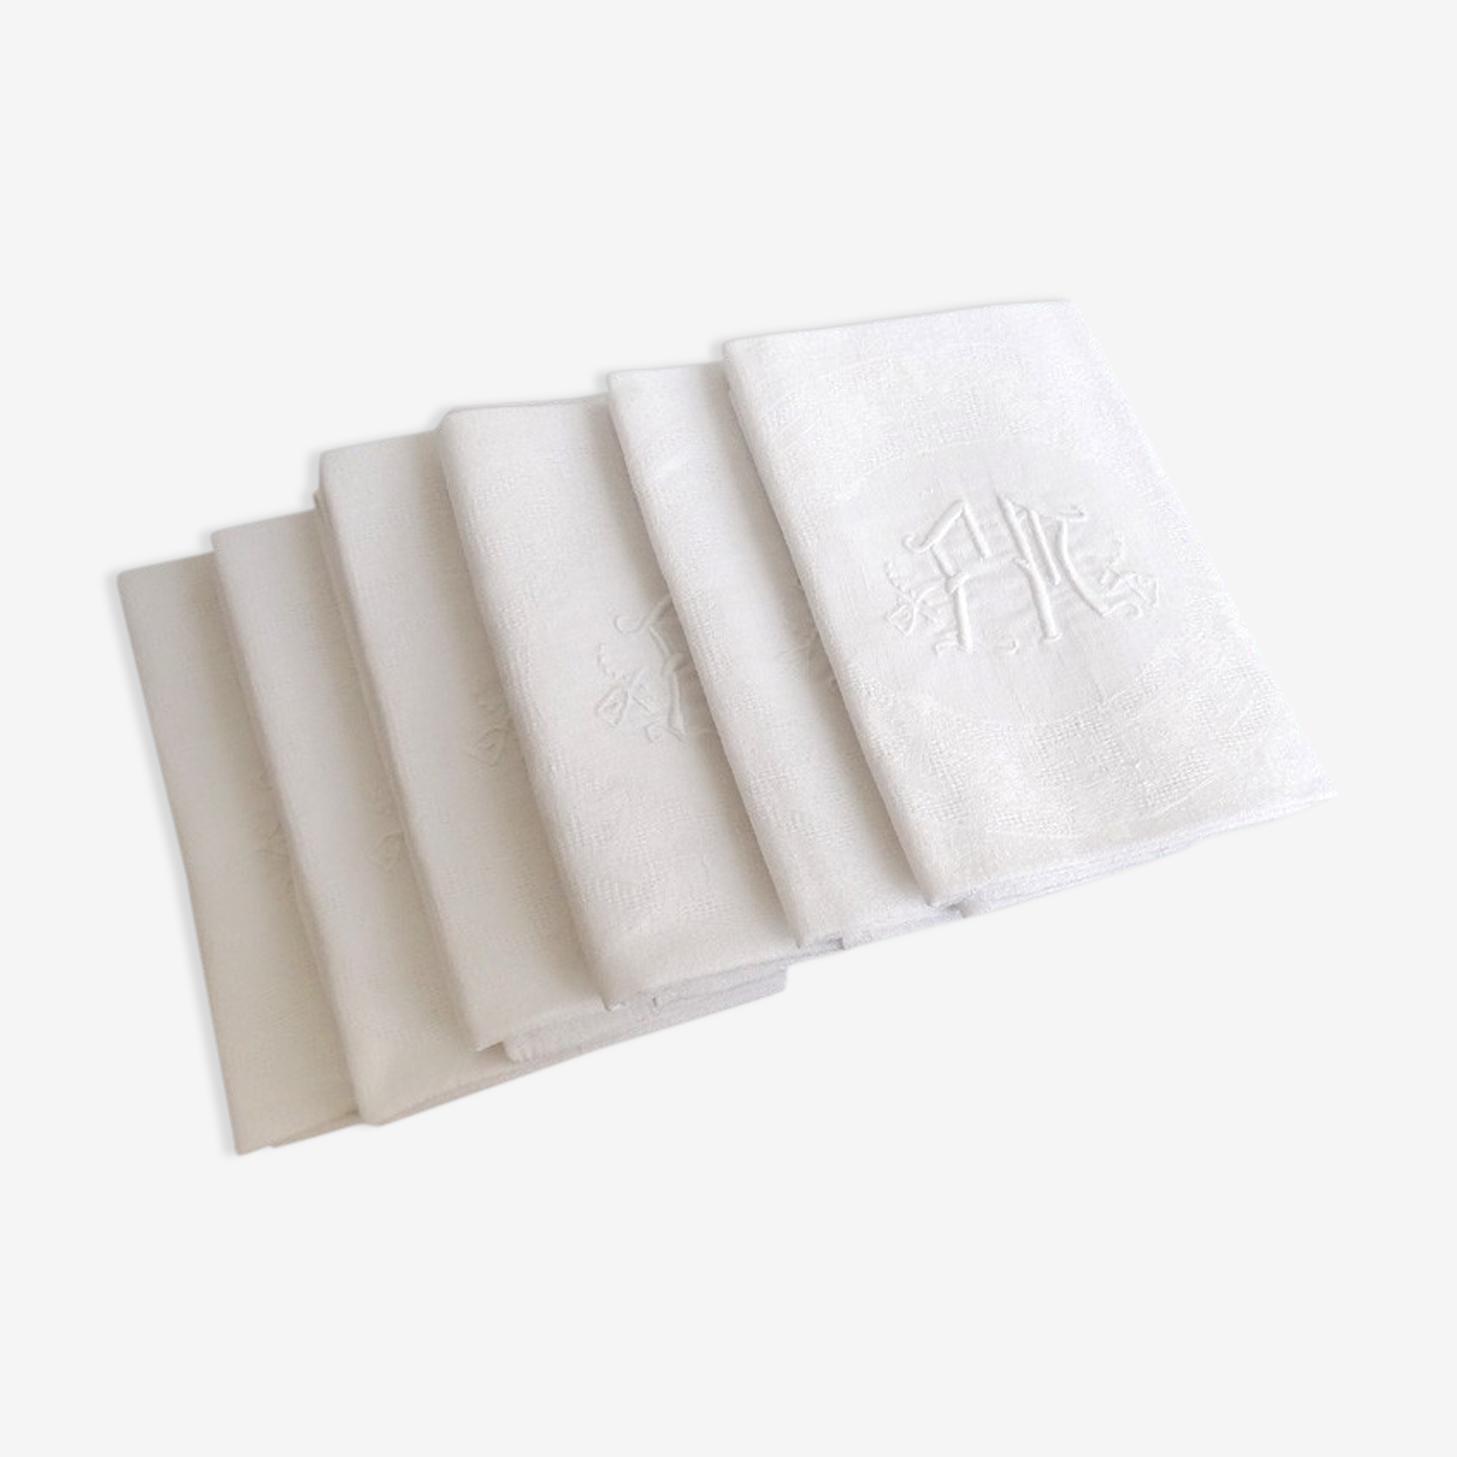 6 serviettes damassées monogramme fm